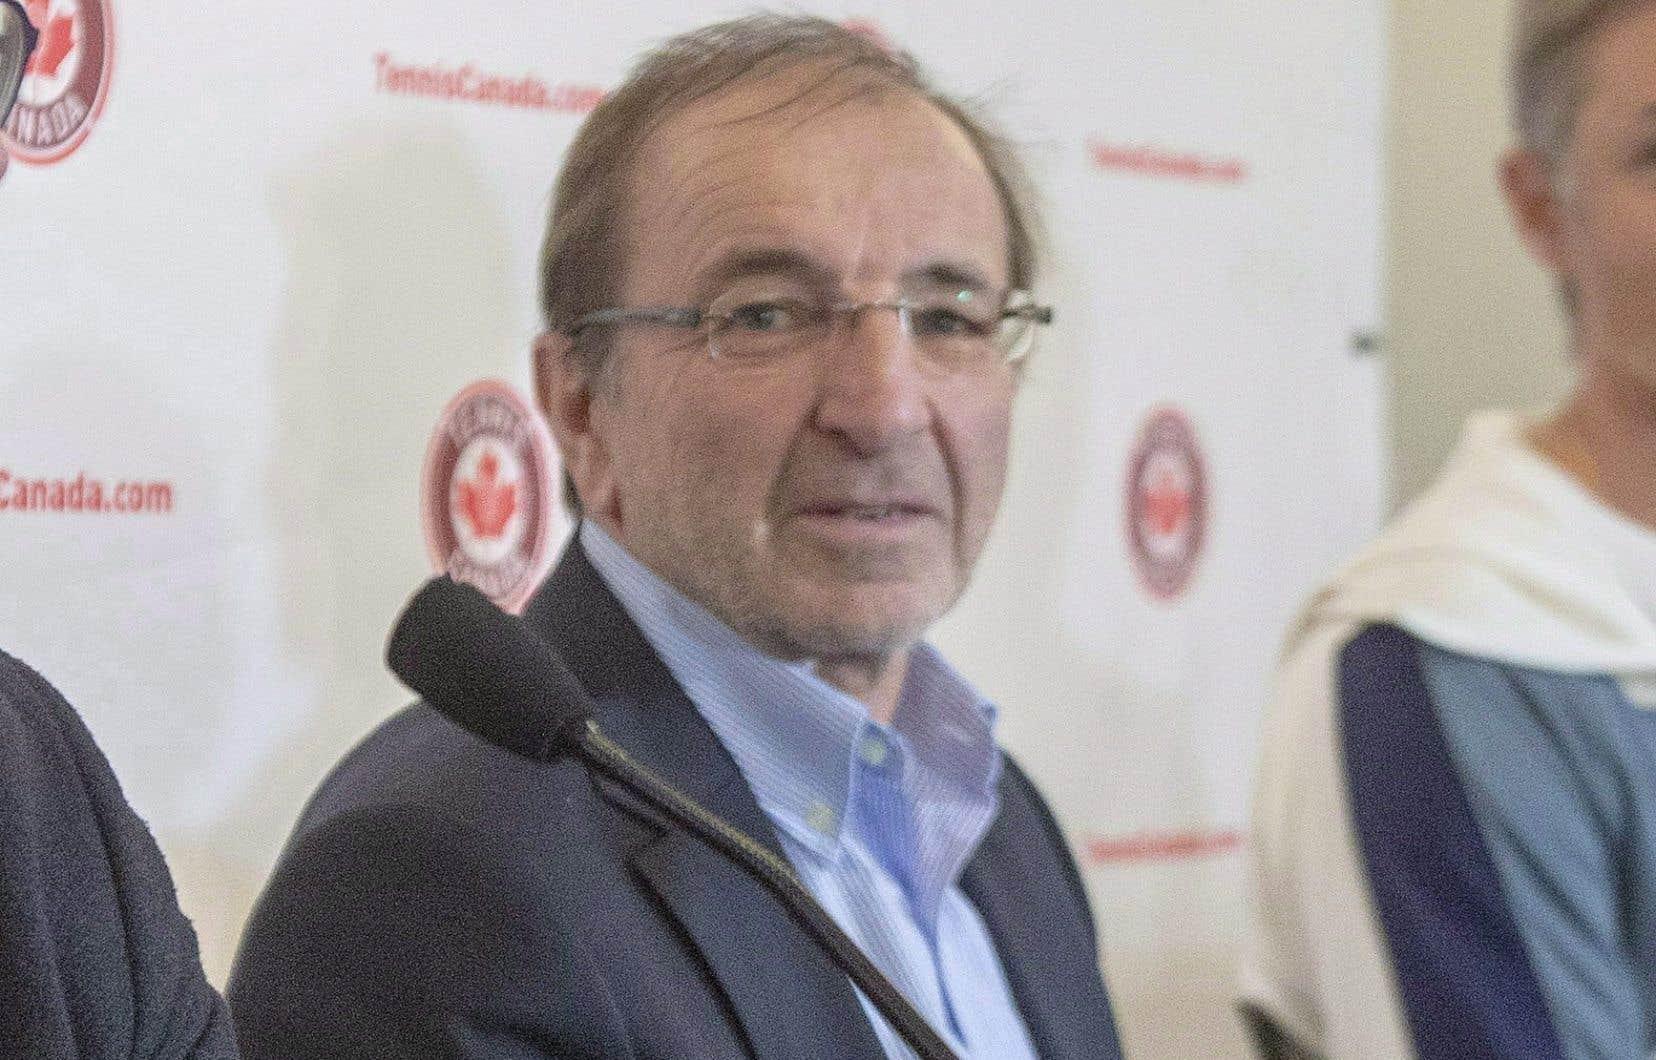 Après l'automne, Borfiga sera conseiller et consultant honoraire au sein de l'équipe de l'élite afin d'assurer une transition harmonieuse